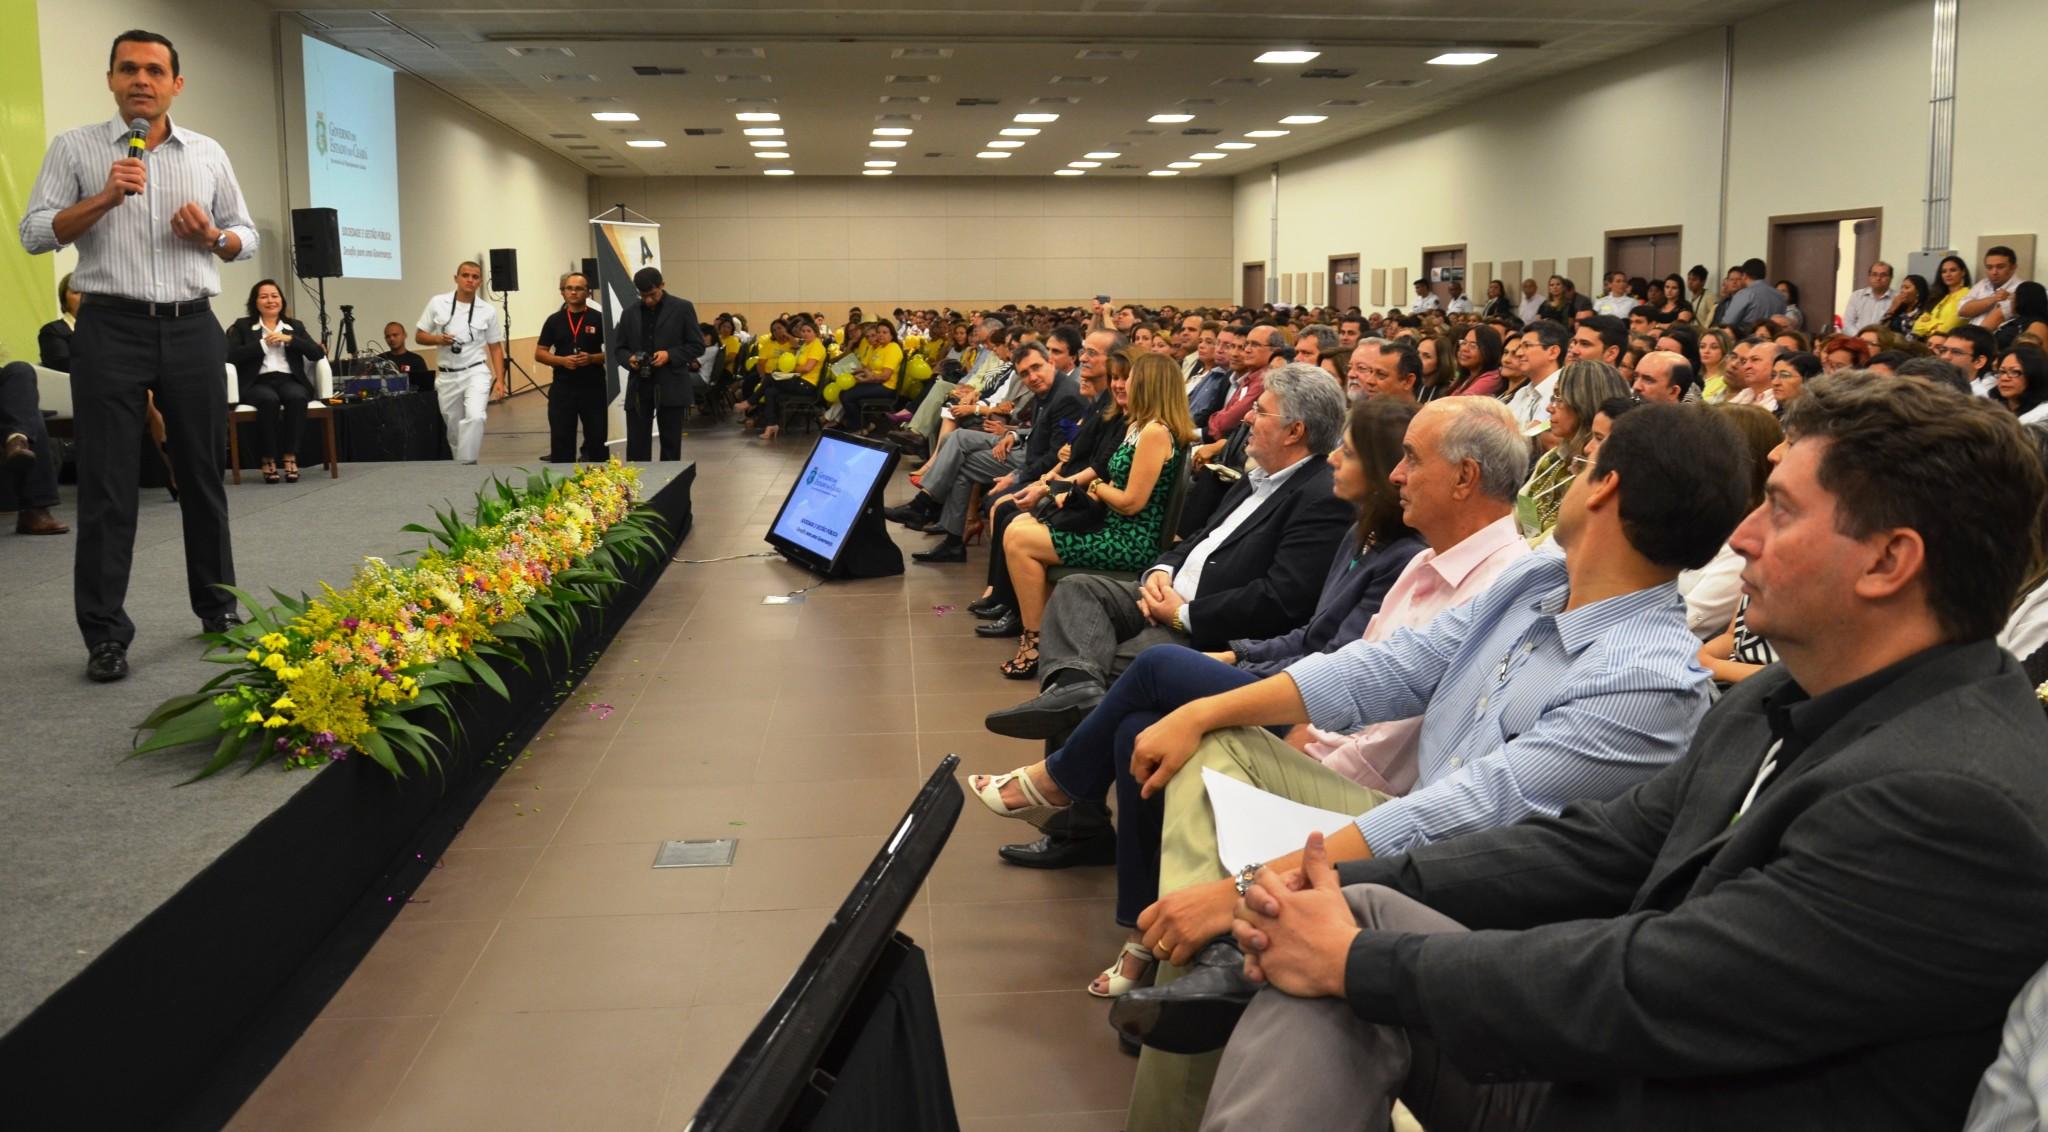 27-11-2013 congresso de gesto pblica 2013 258